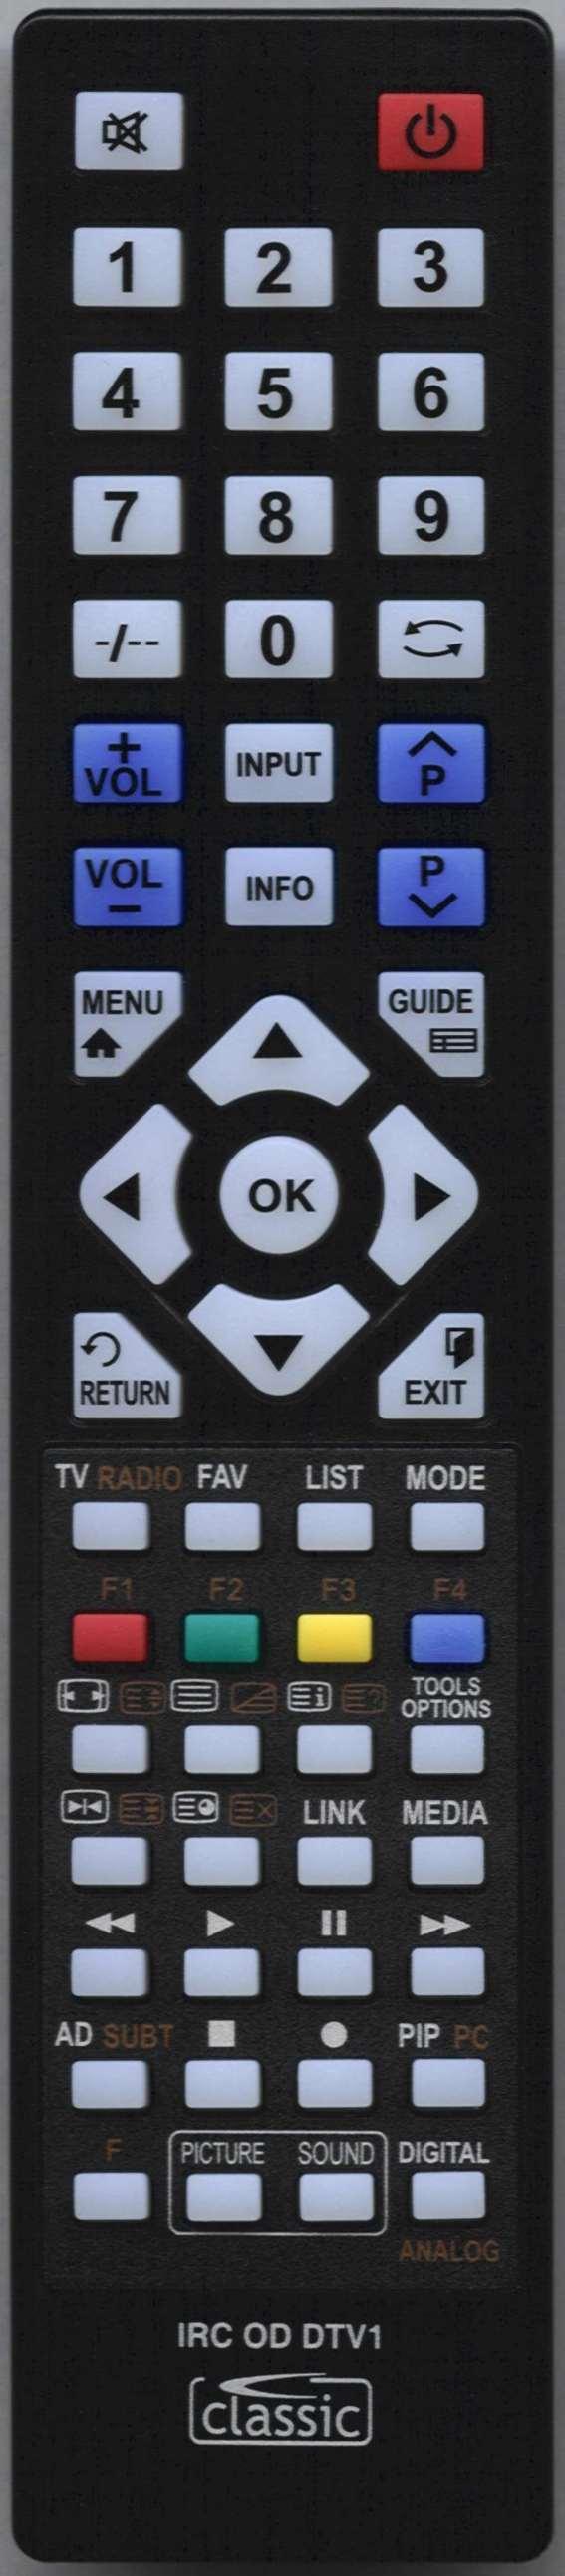 POLAROID LE22GBR+DVD Remote Control